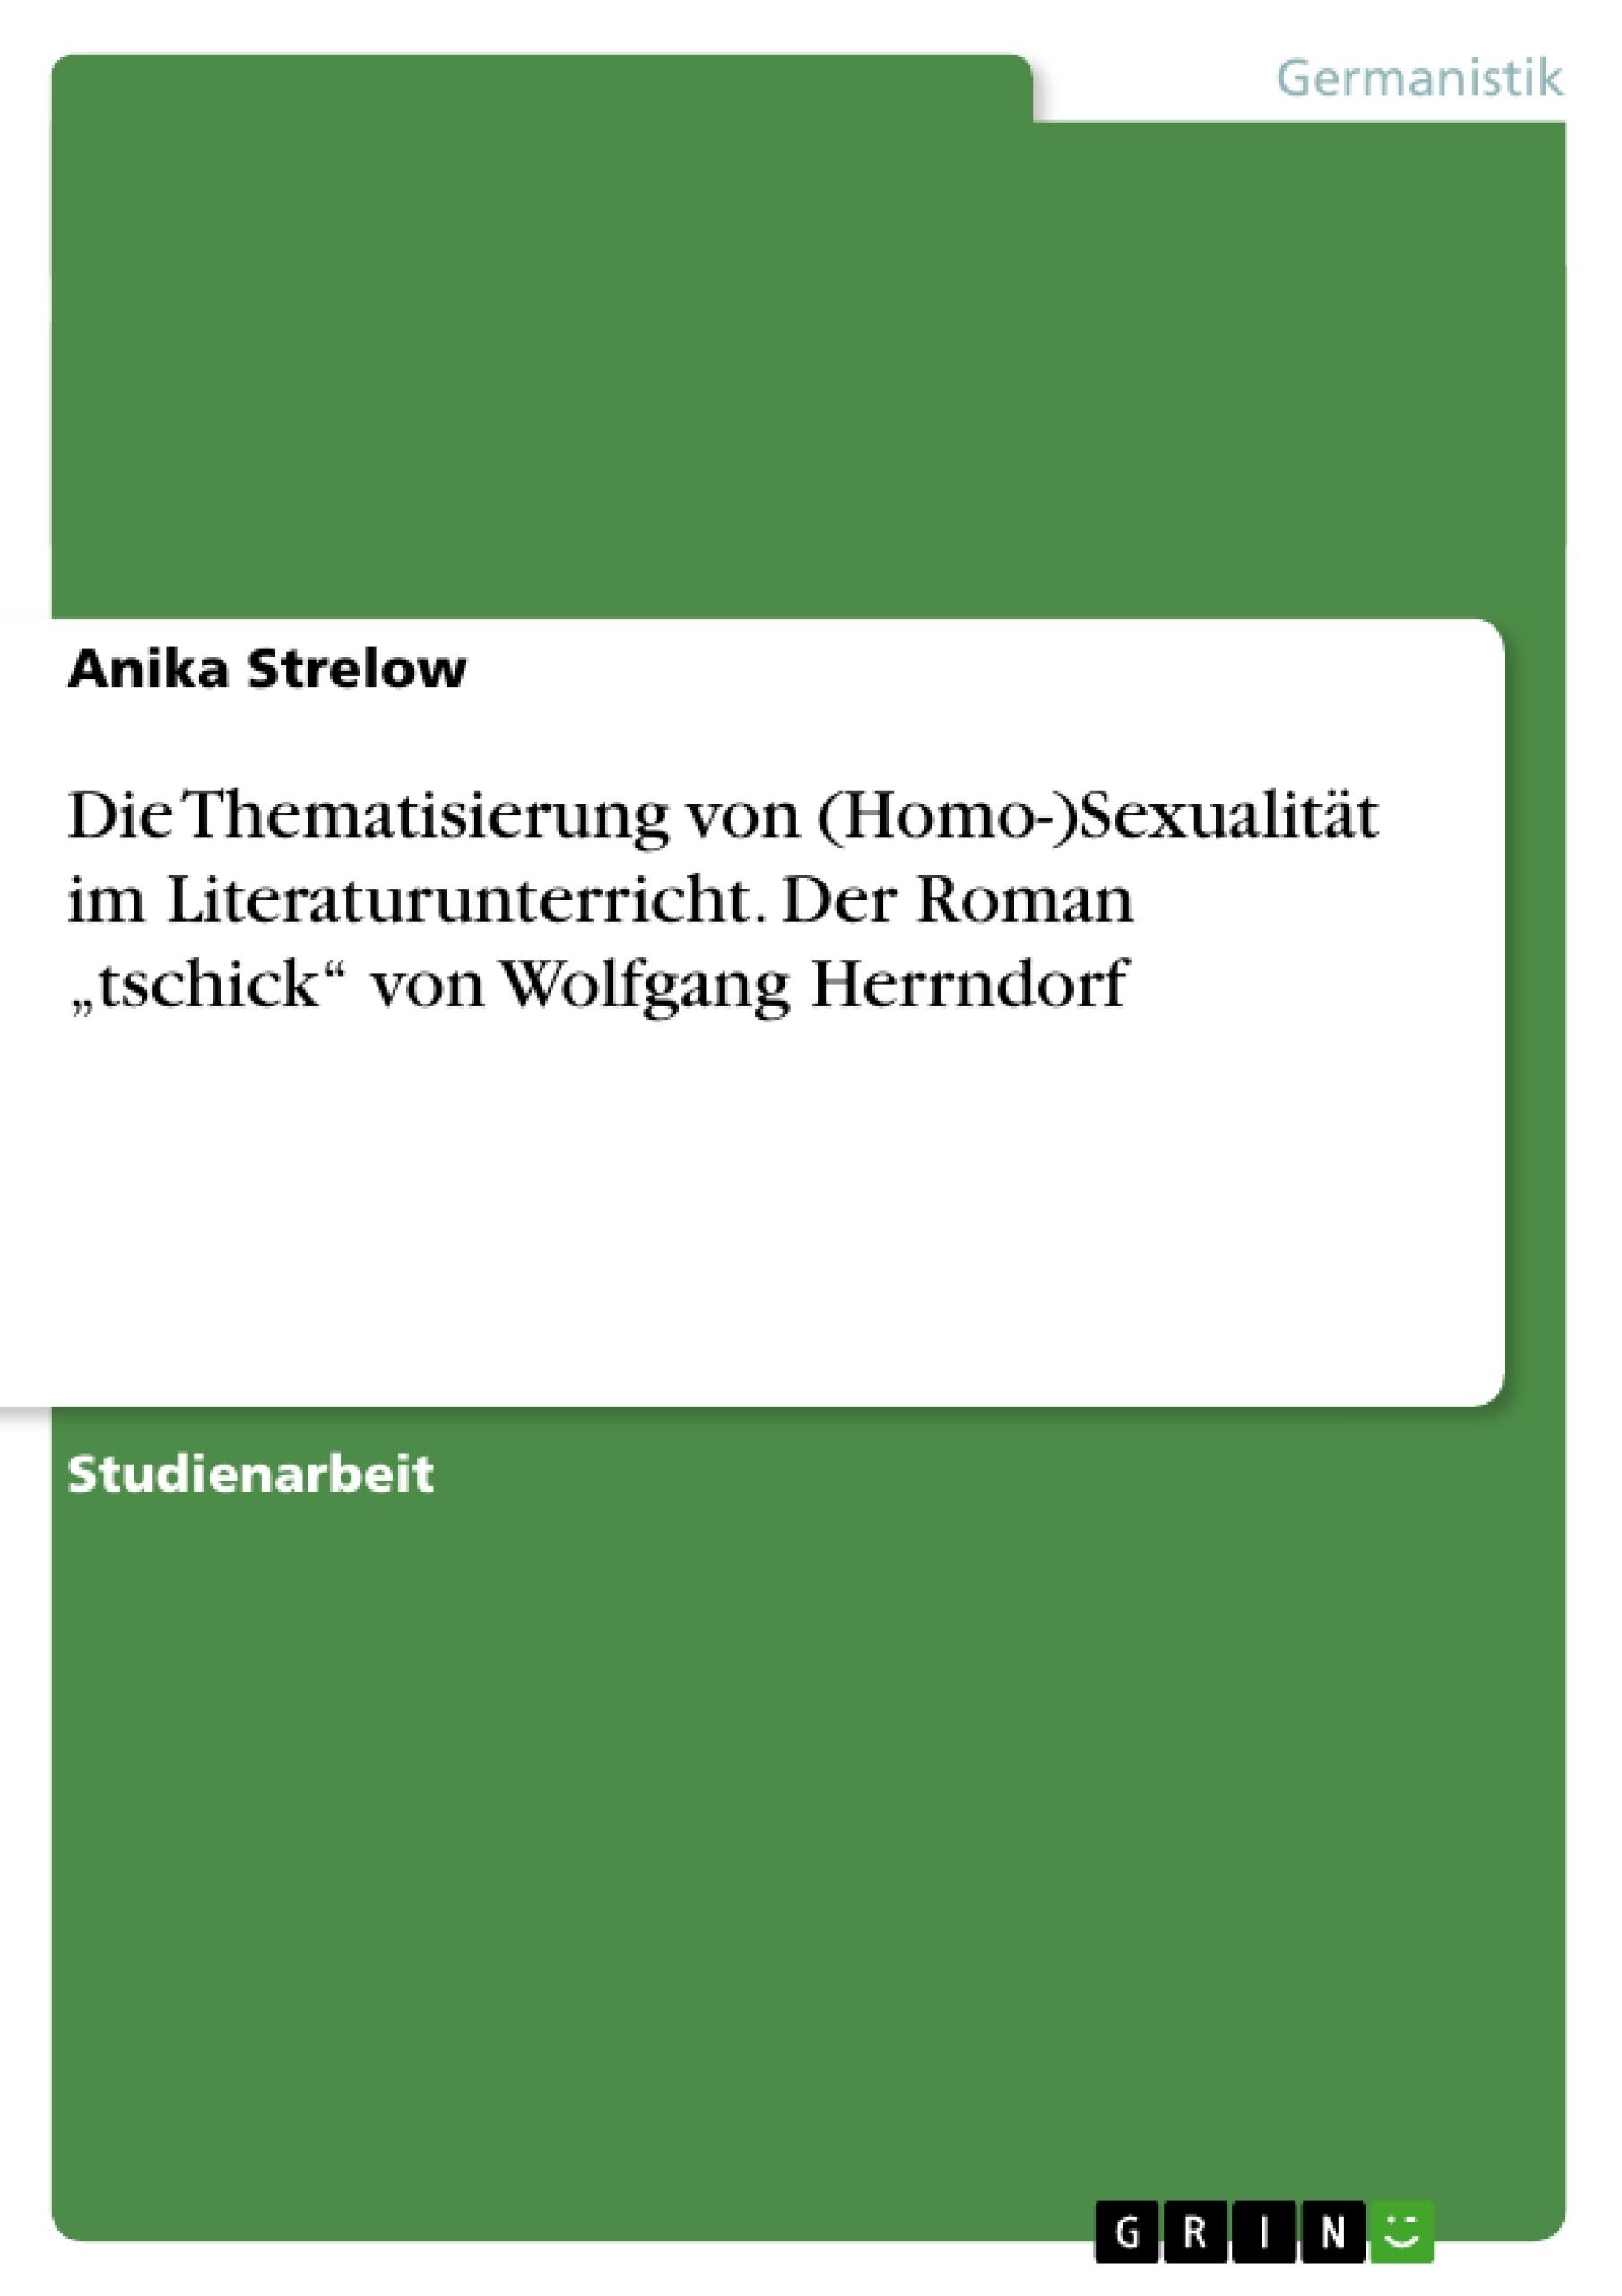 """Titel: Die Thematisierung von (Homo-)Sexualität im Literaturunterricht. Der Roman """"tschick"""" von Wolfgang Herrndorf"""